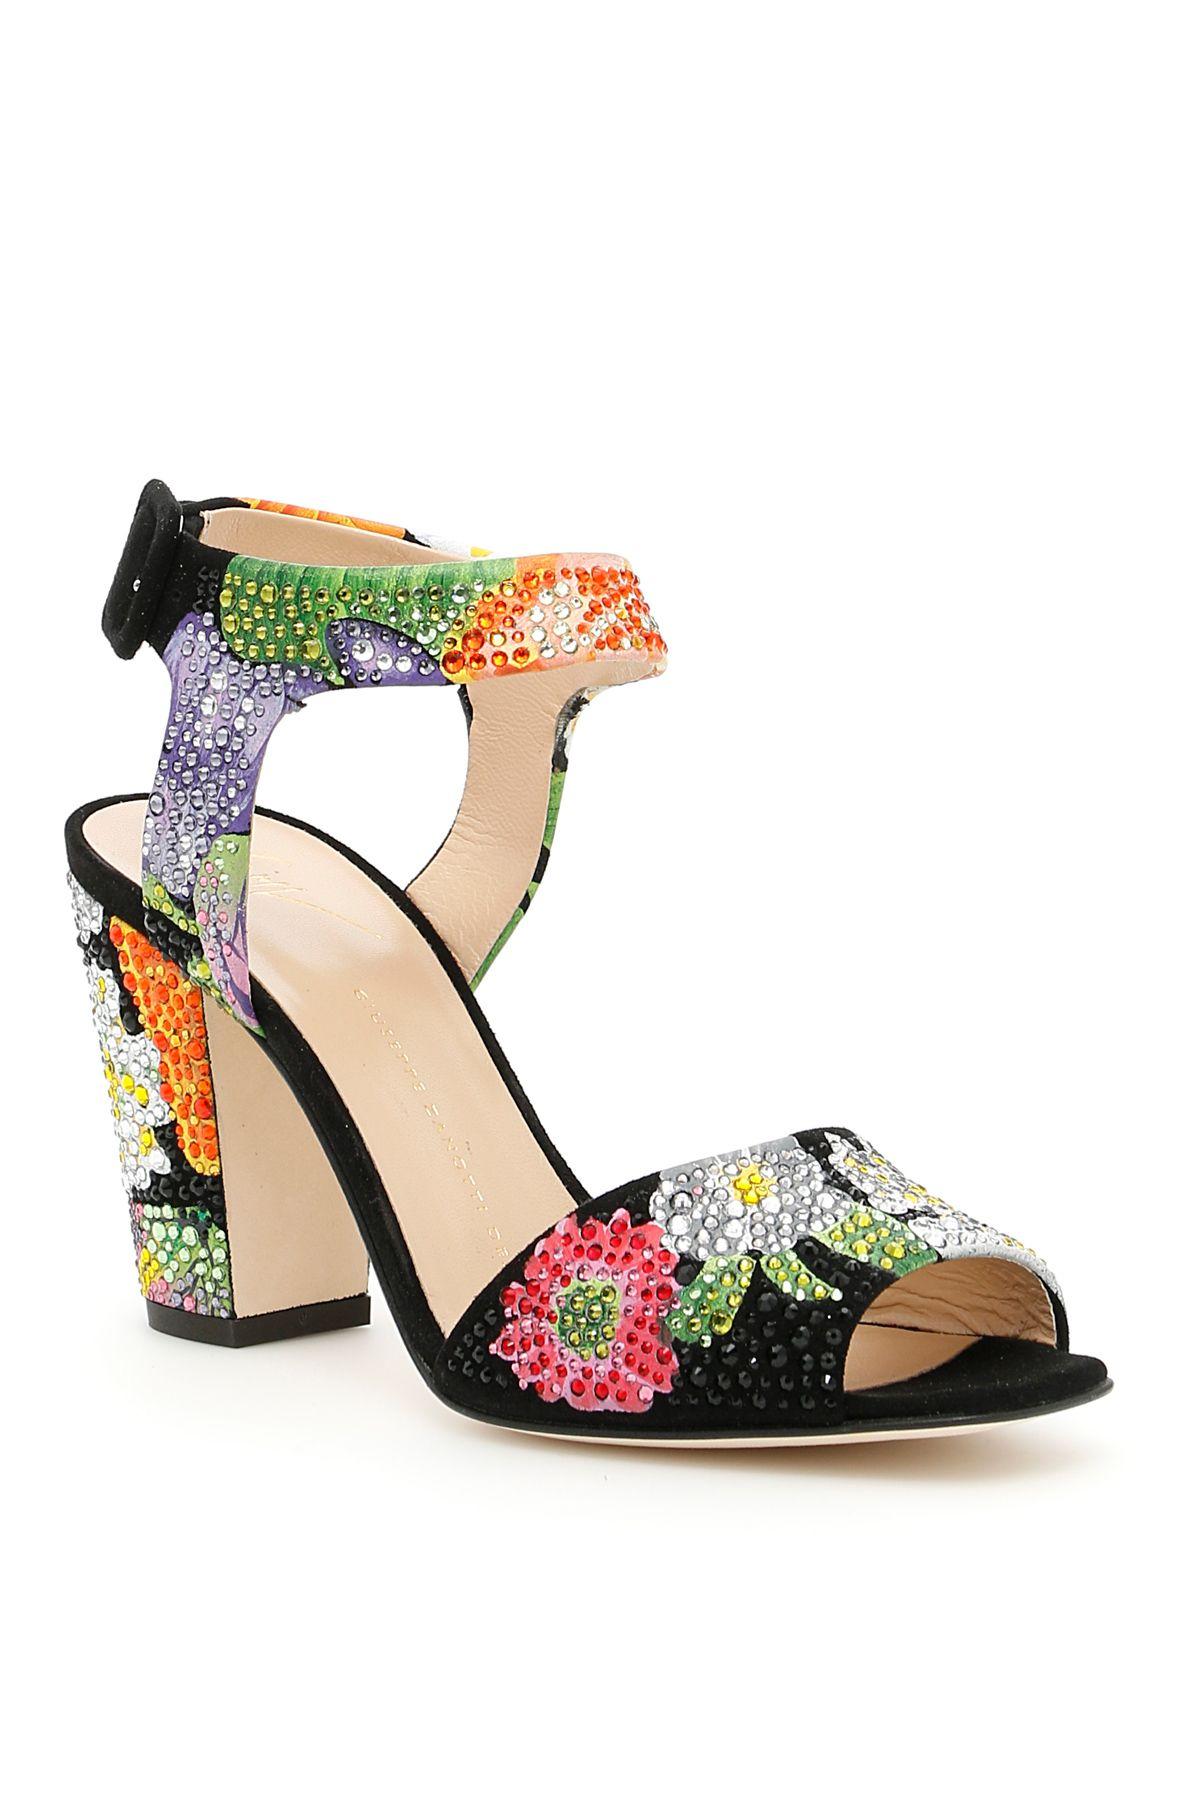 Lavinia Sandals